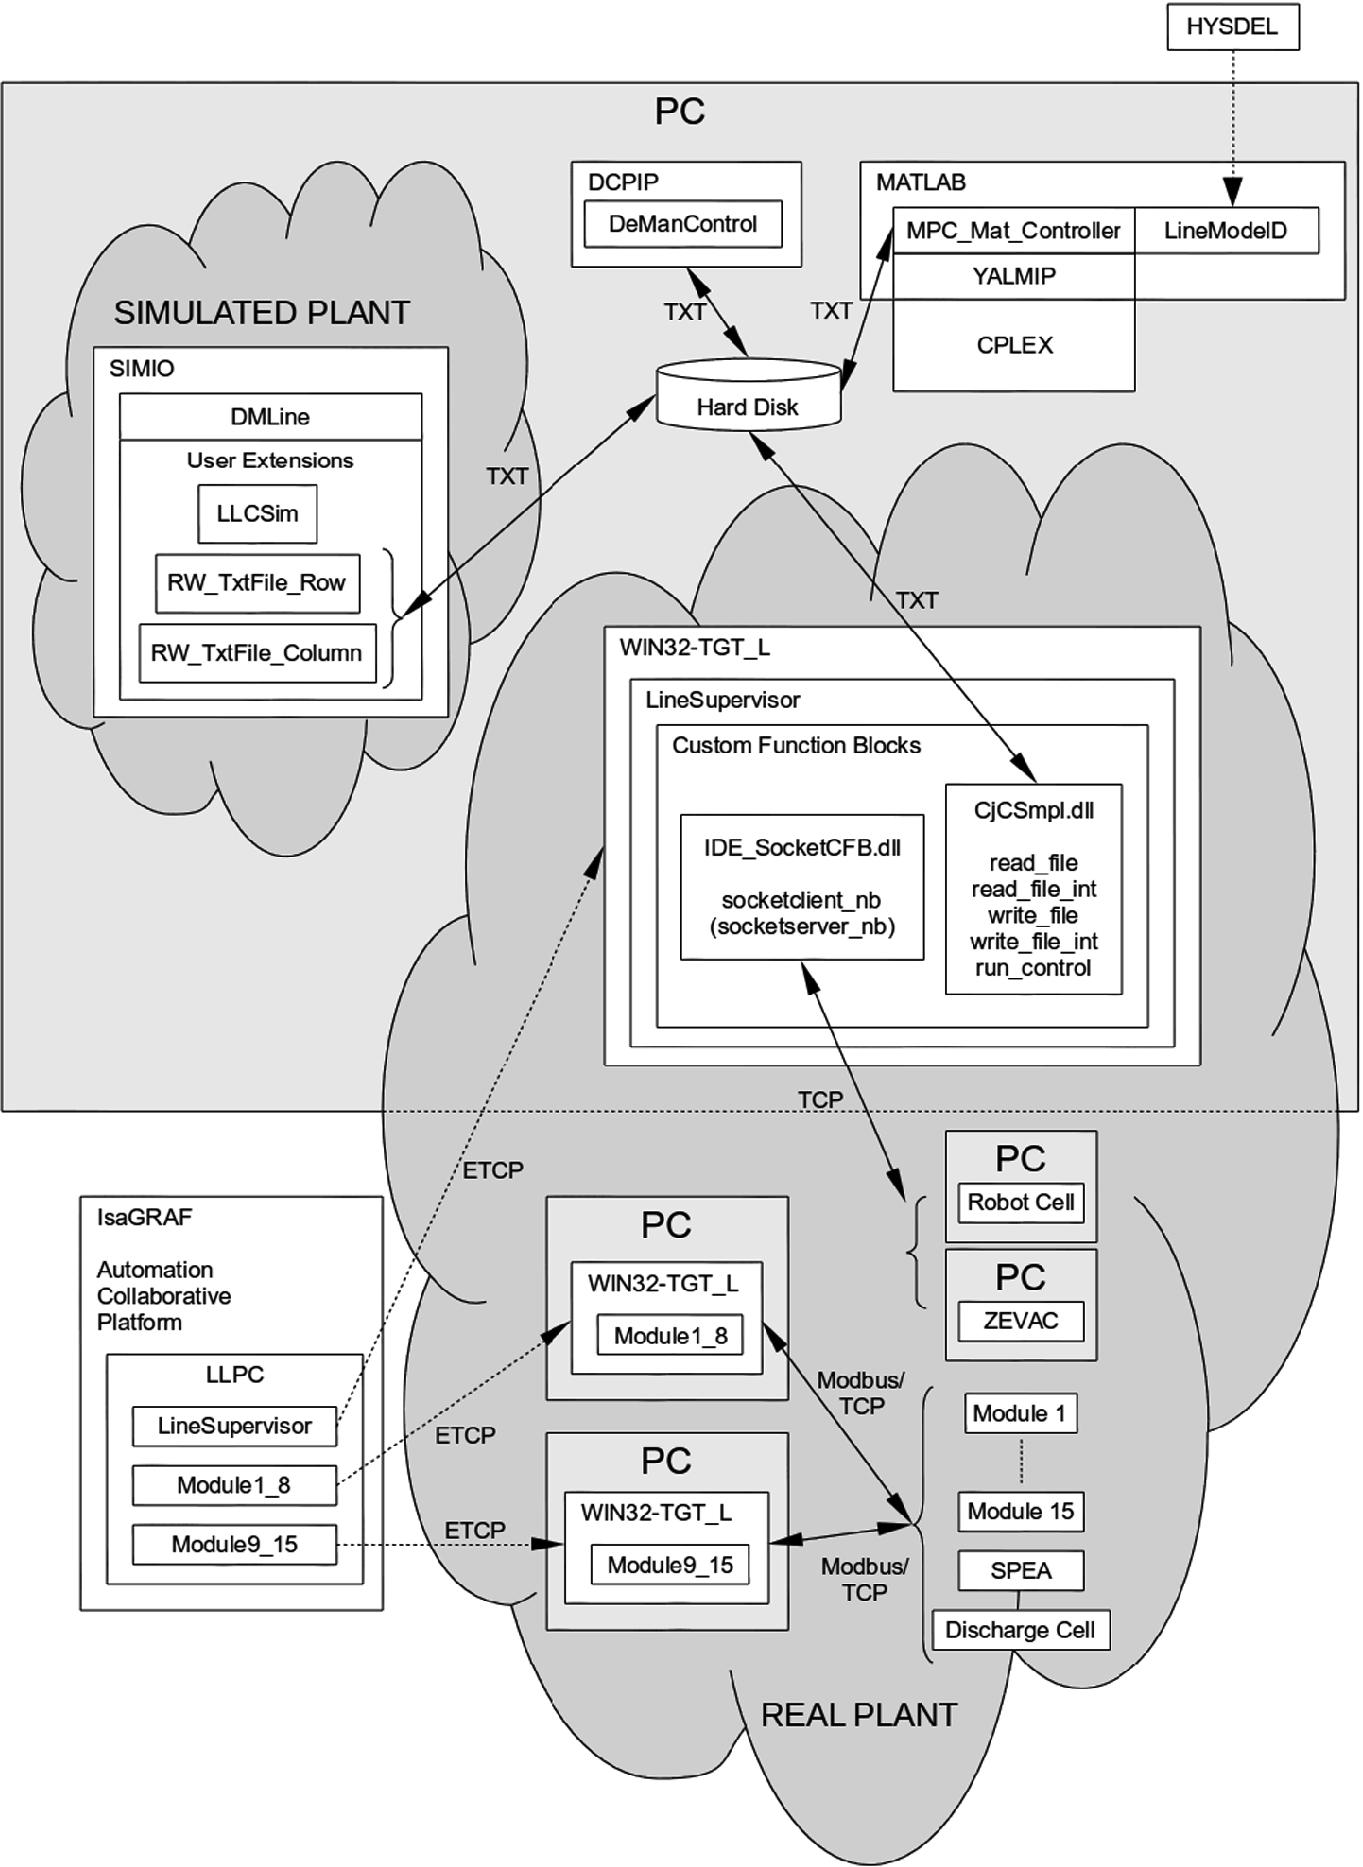 Model Predictive Control Tools for Evolutionary Plants